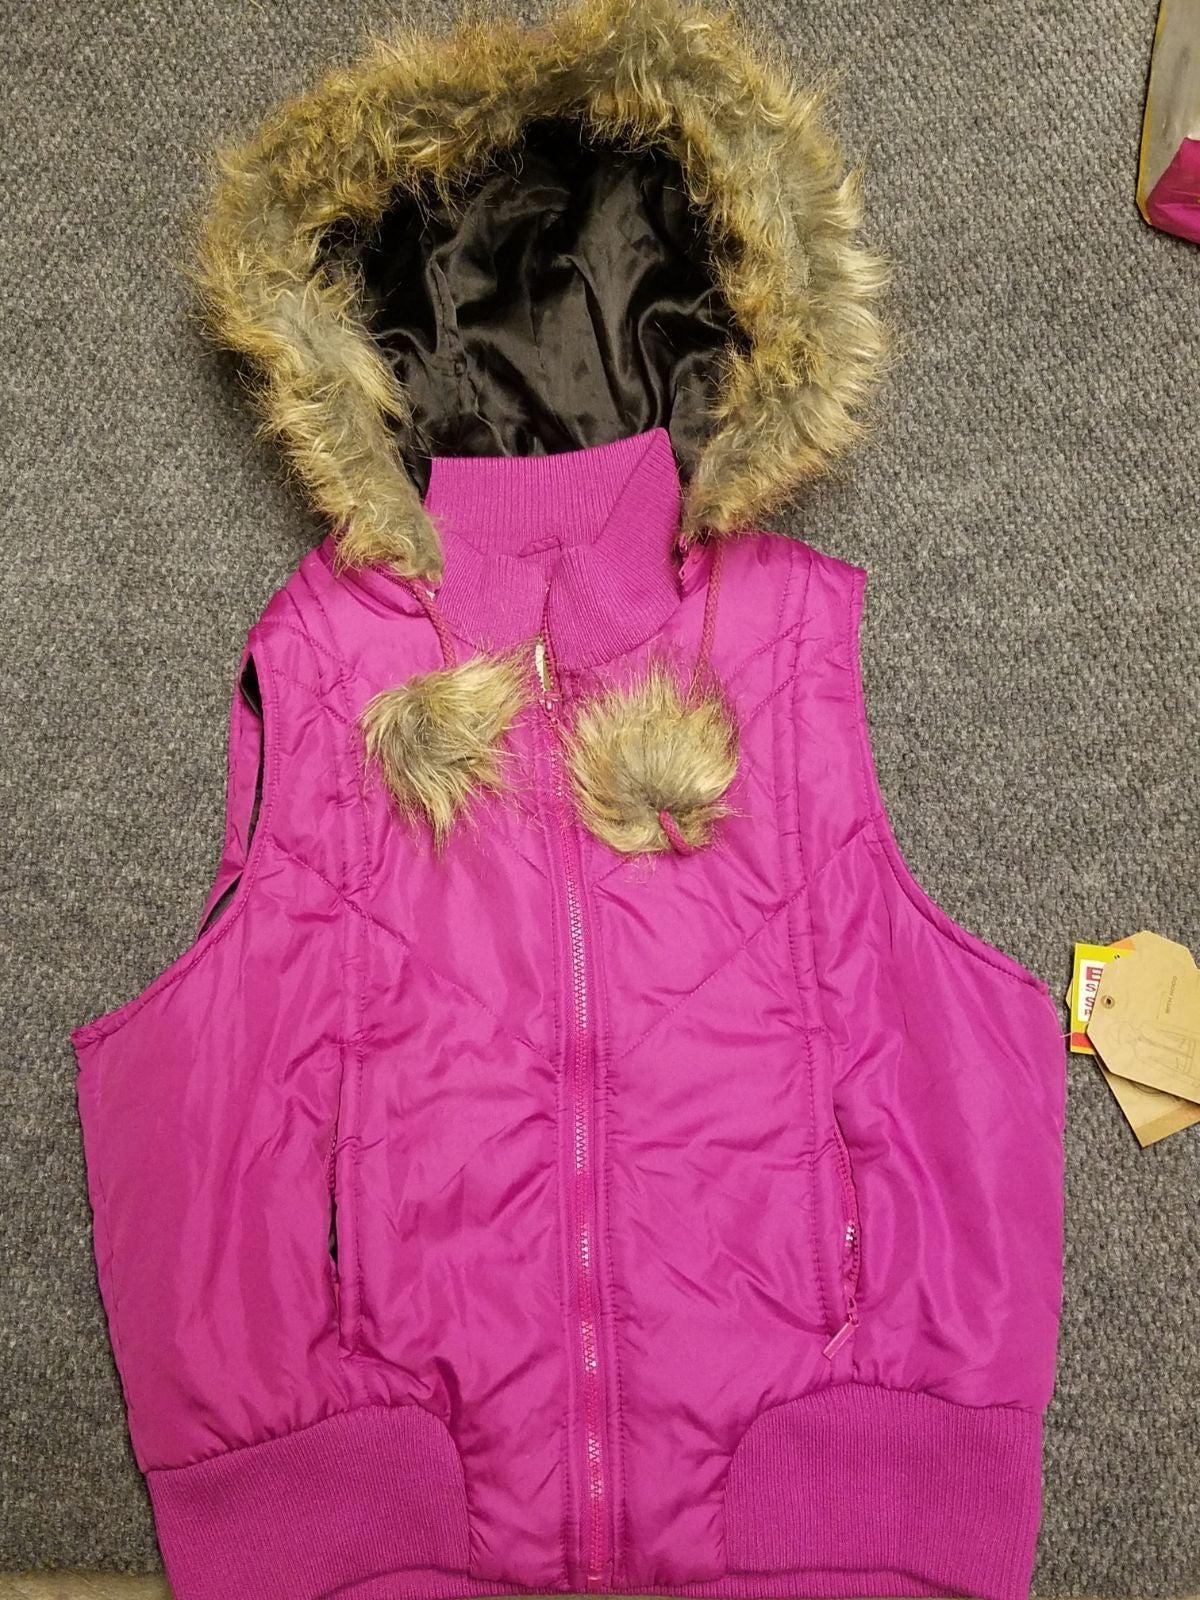 Brand new puffer vest w fur